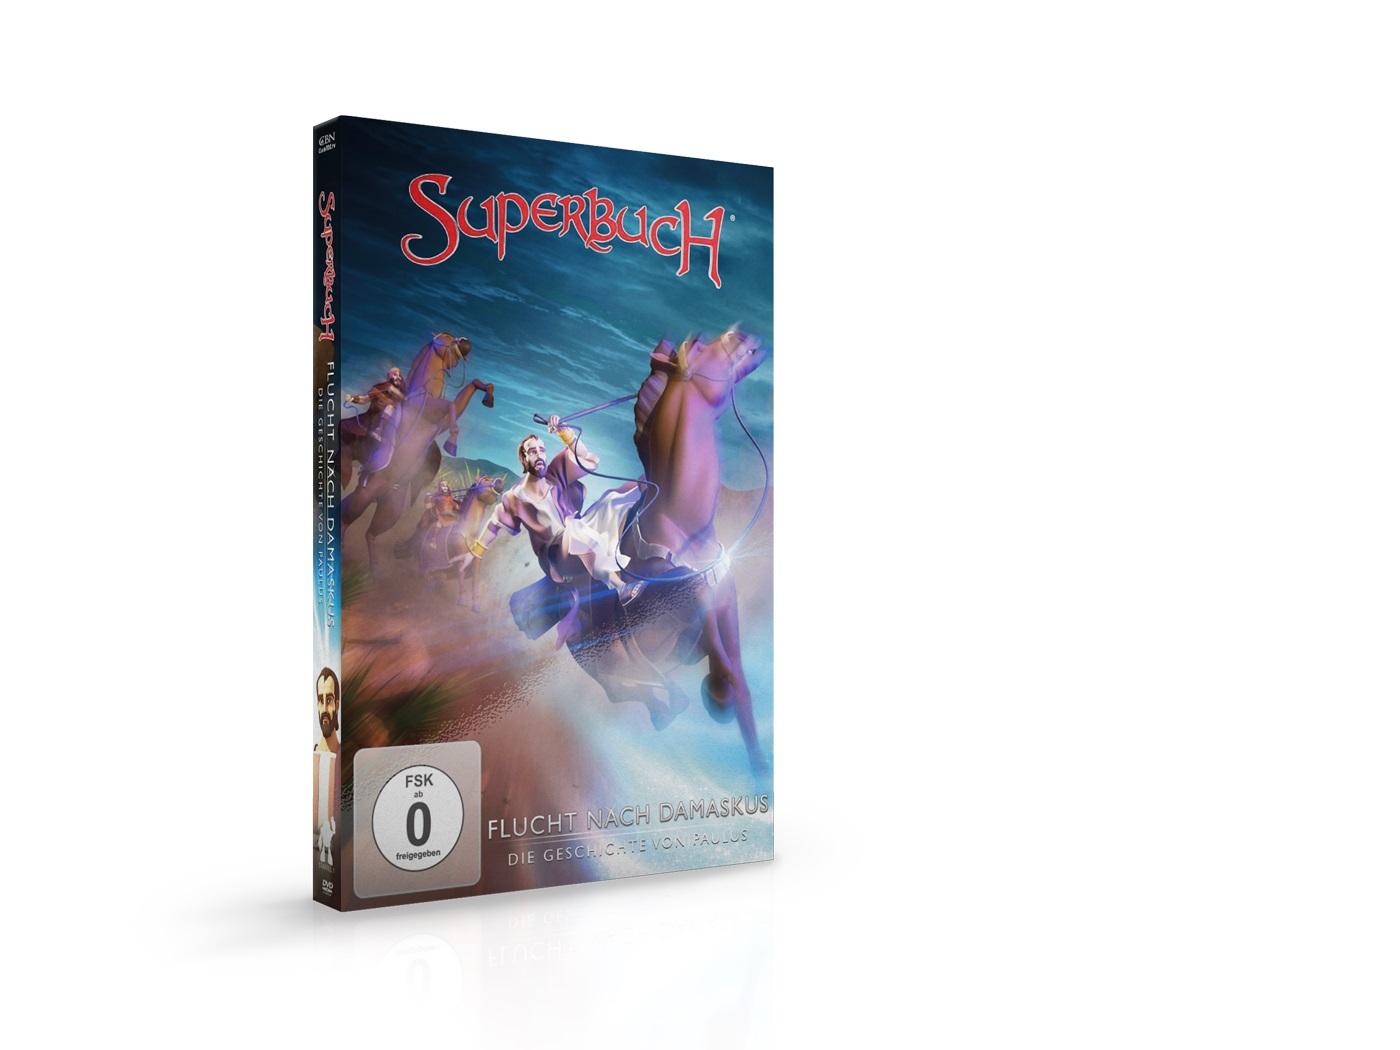 Superbuch – Flucht nach Damaskus